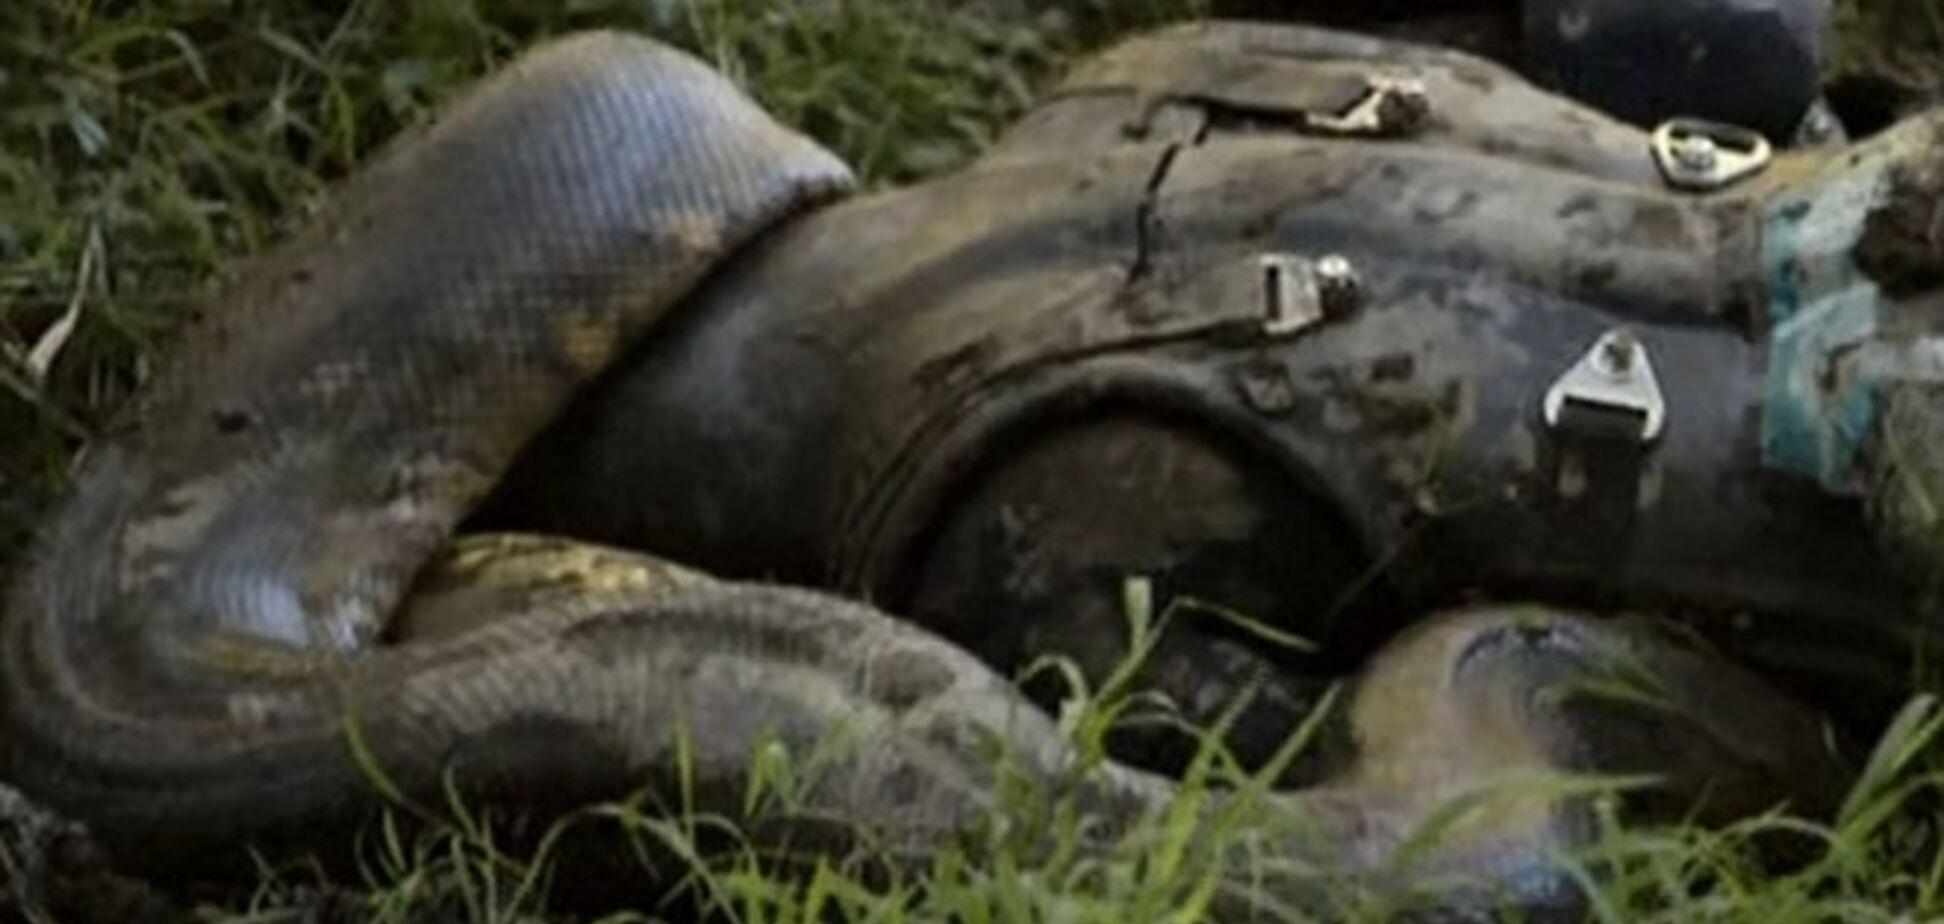 Анаконда так и не смогла проглотить человека в прямом эфире: ученый спасовал